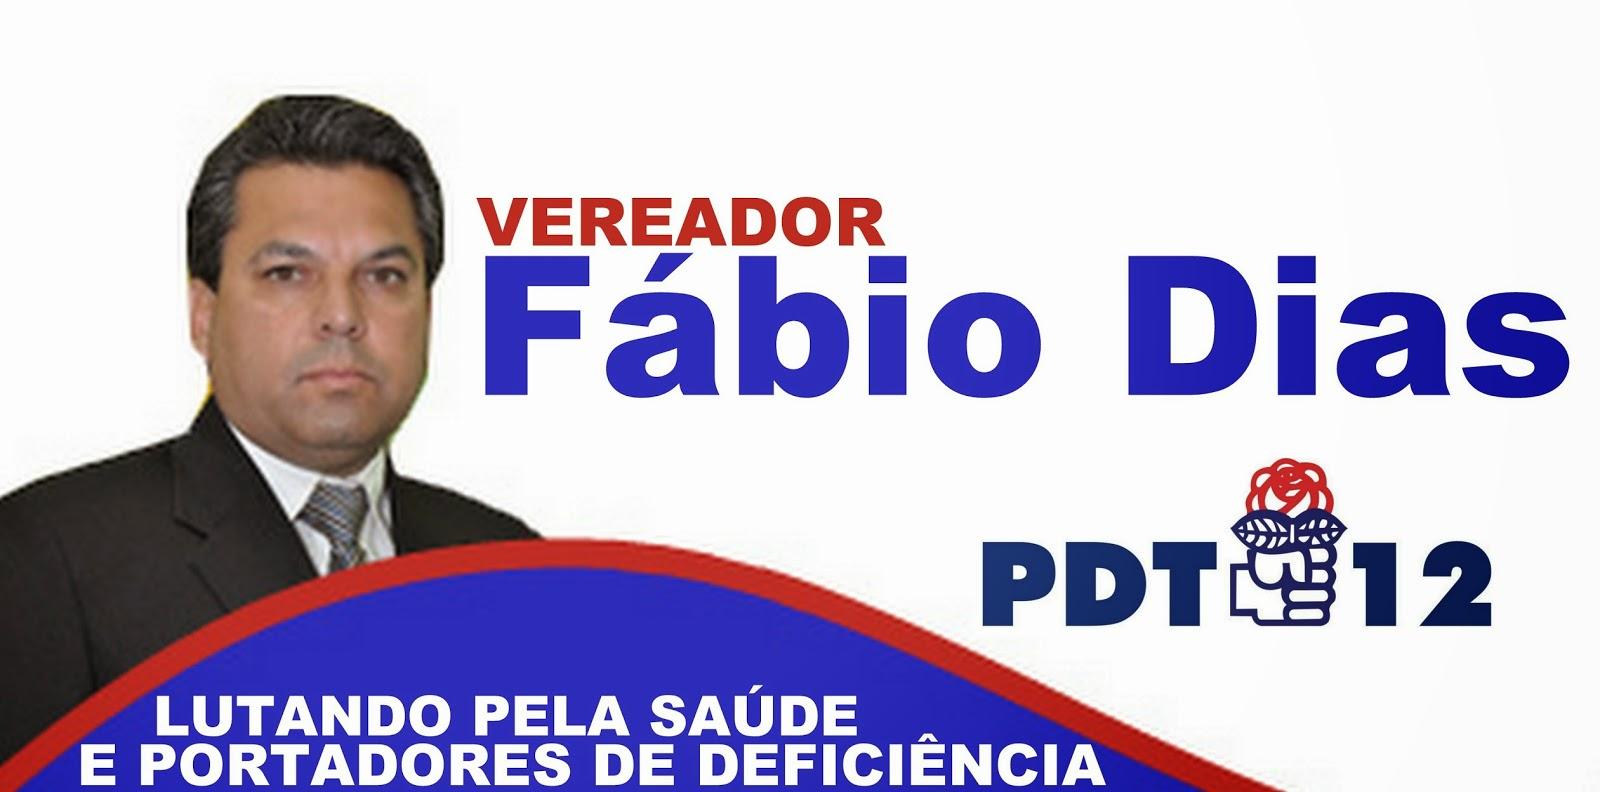 http://www.eigatimaula.blogspot.com.br/search/label/Vereador%20F%C3%A1bio%20Dias